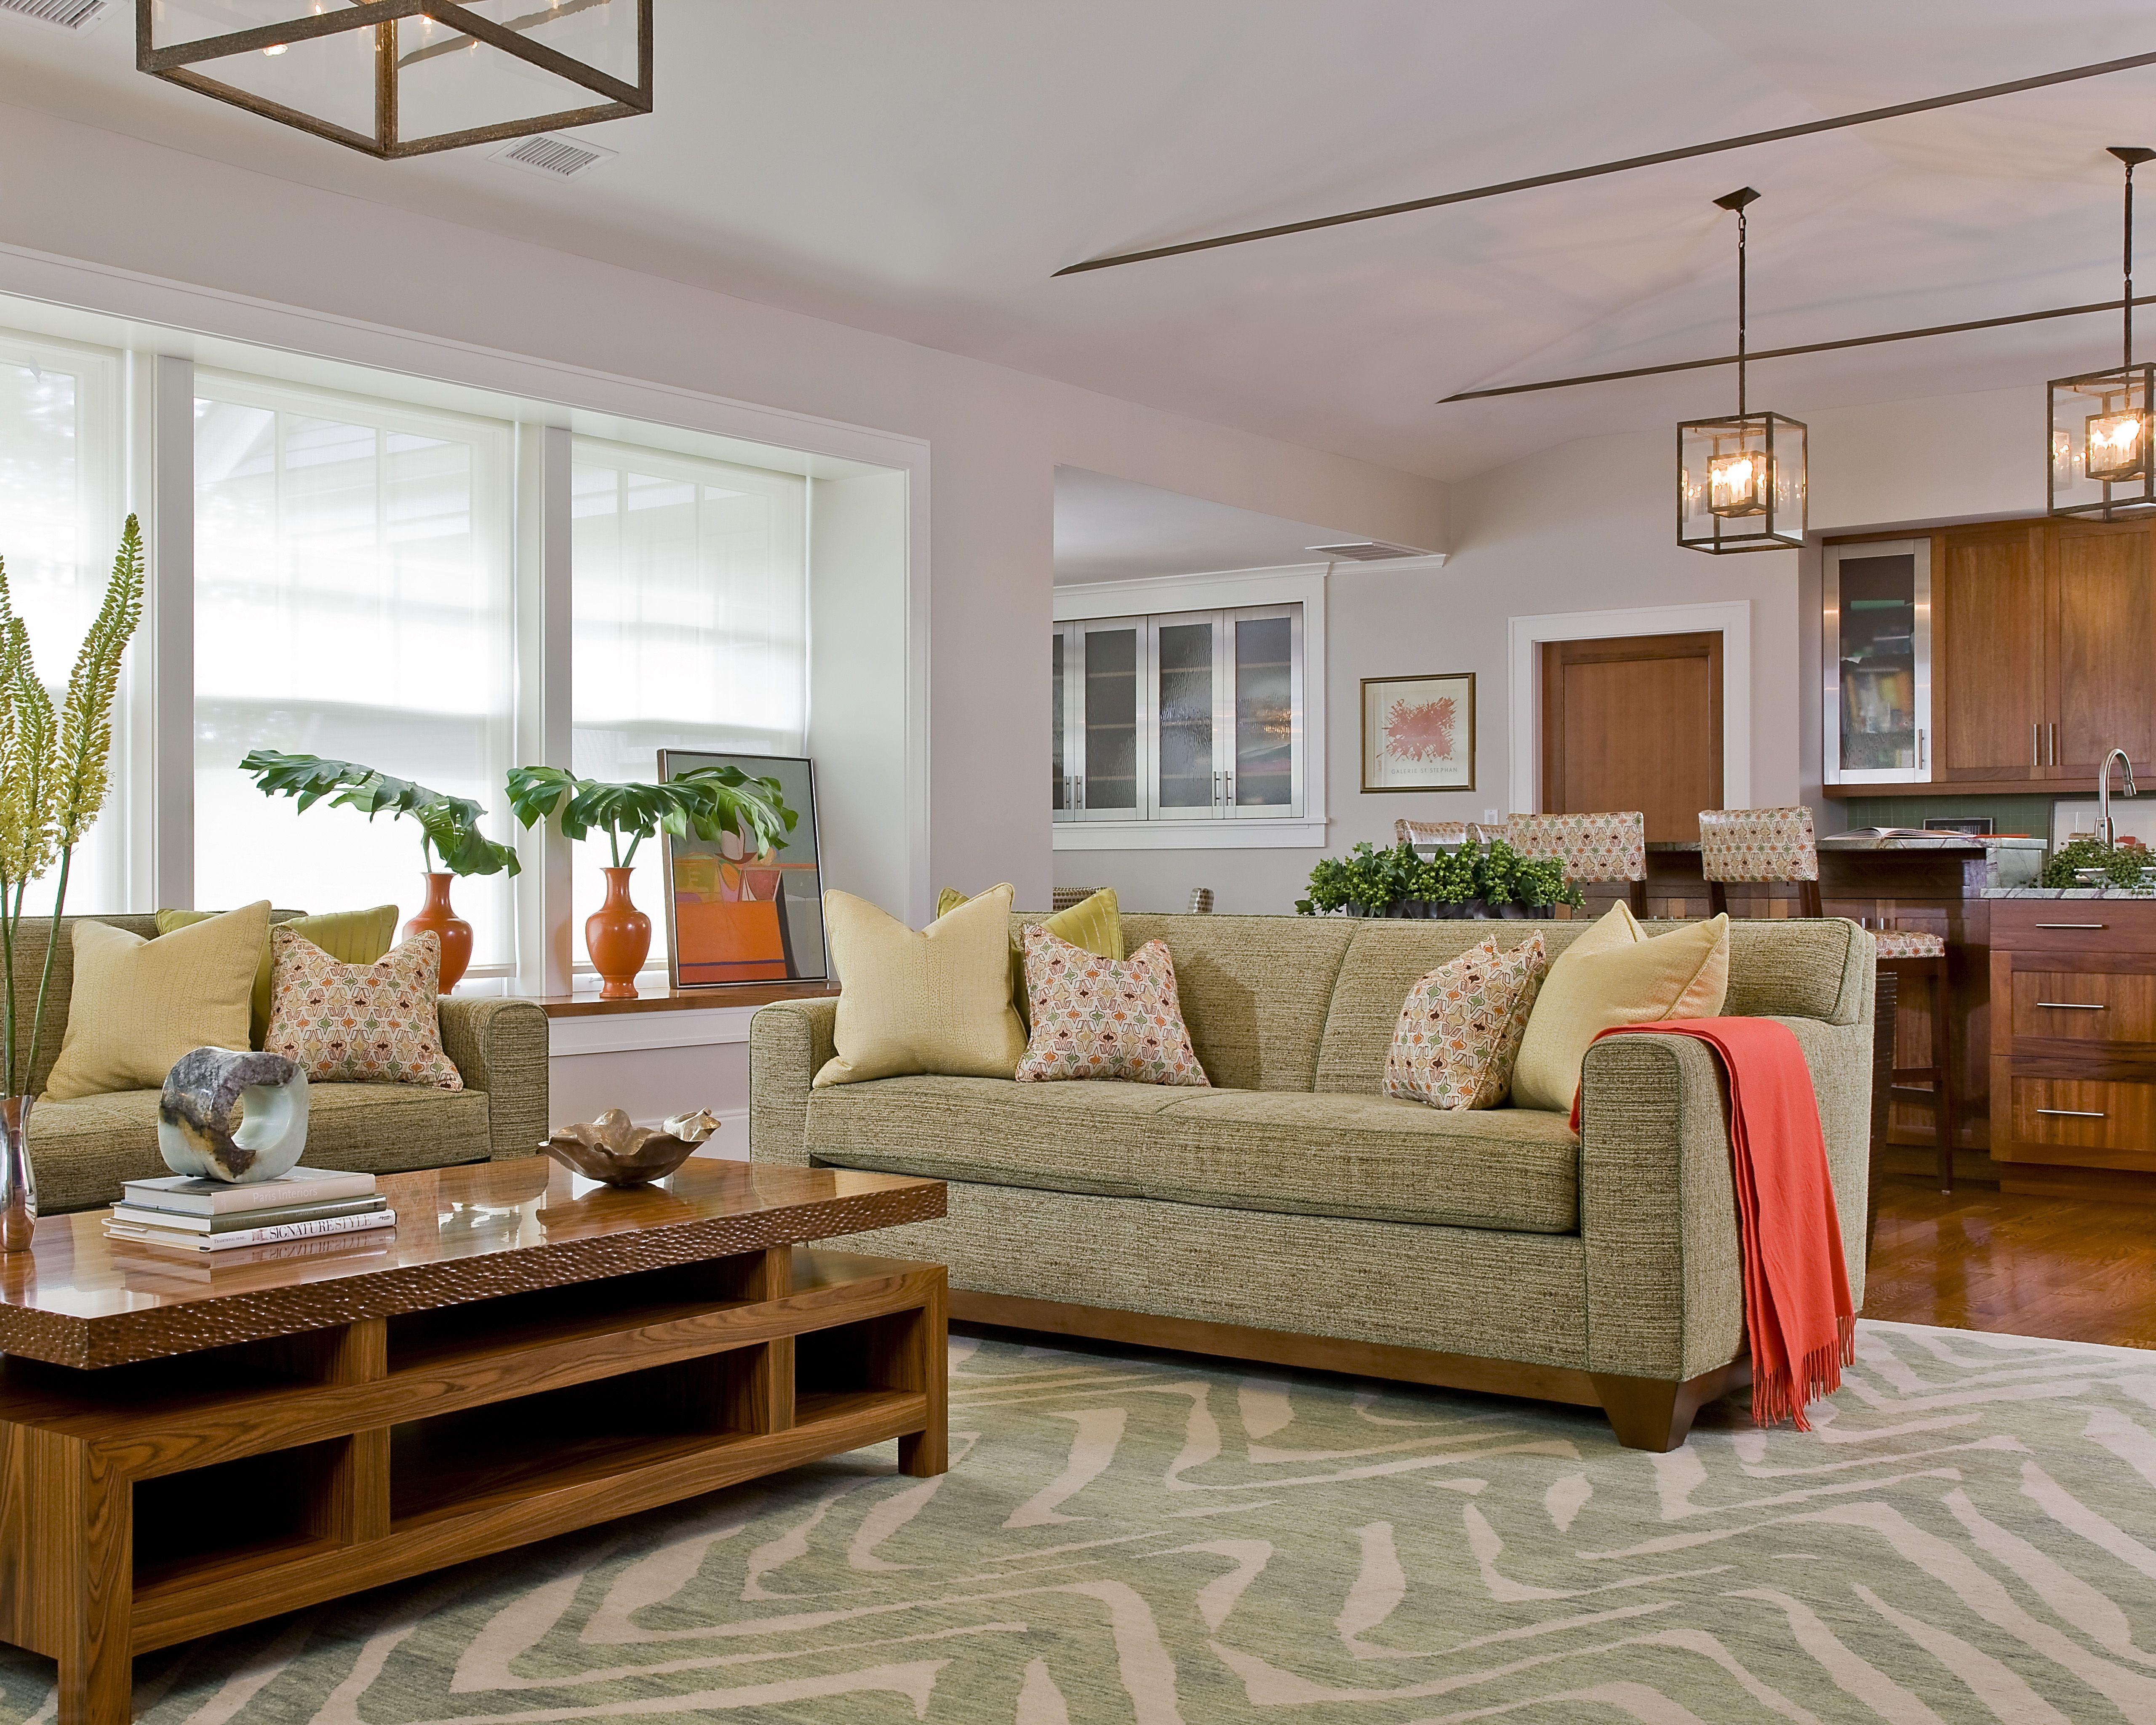 Captivating Interior Design By Jill Litner Kaplan #interiors